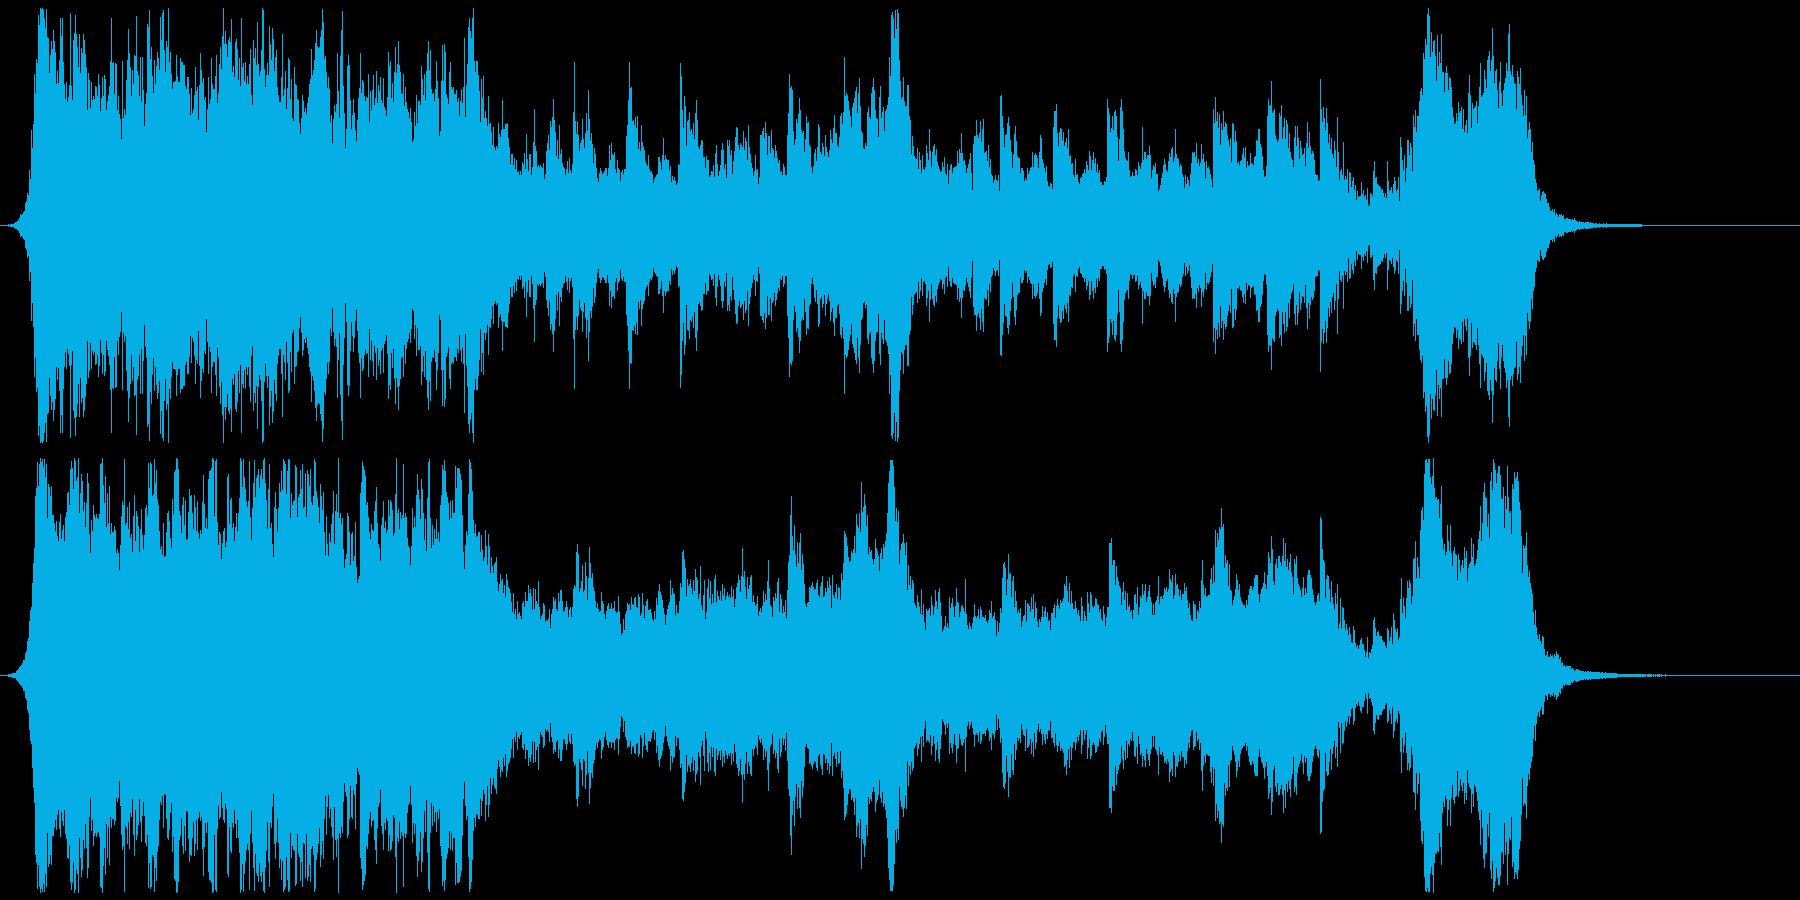 ハリウッド映画風の壮大なオーケストラ2Dの再生済みの波形